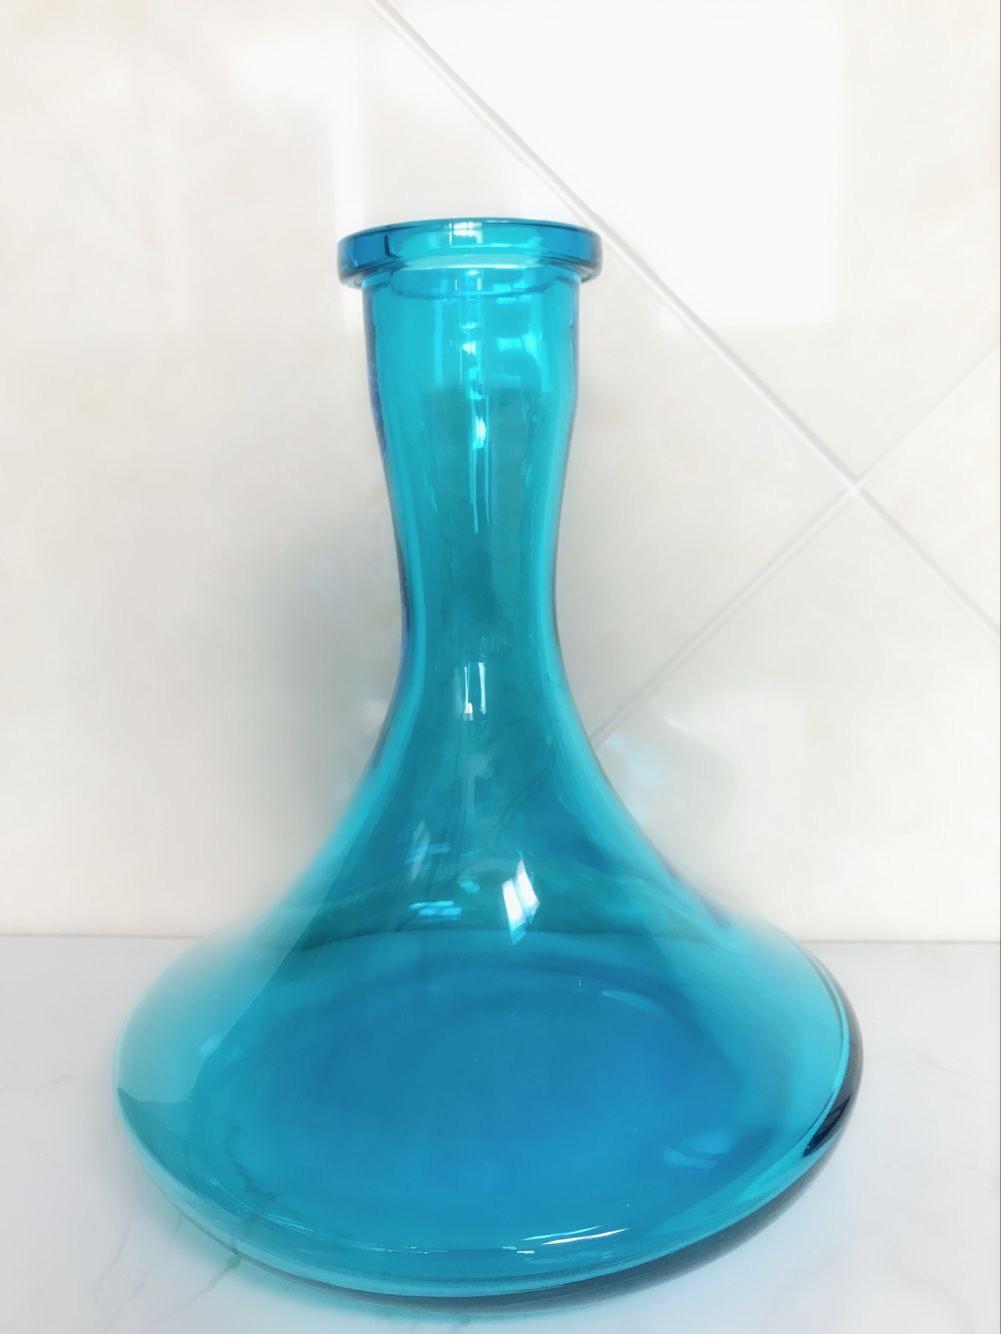 Подгоняемый стержень для кальяна из нержавеющей стали, стеклянная бутылка для кальяна